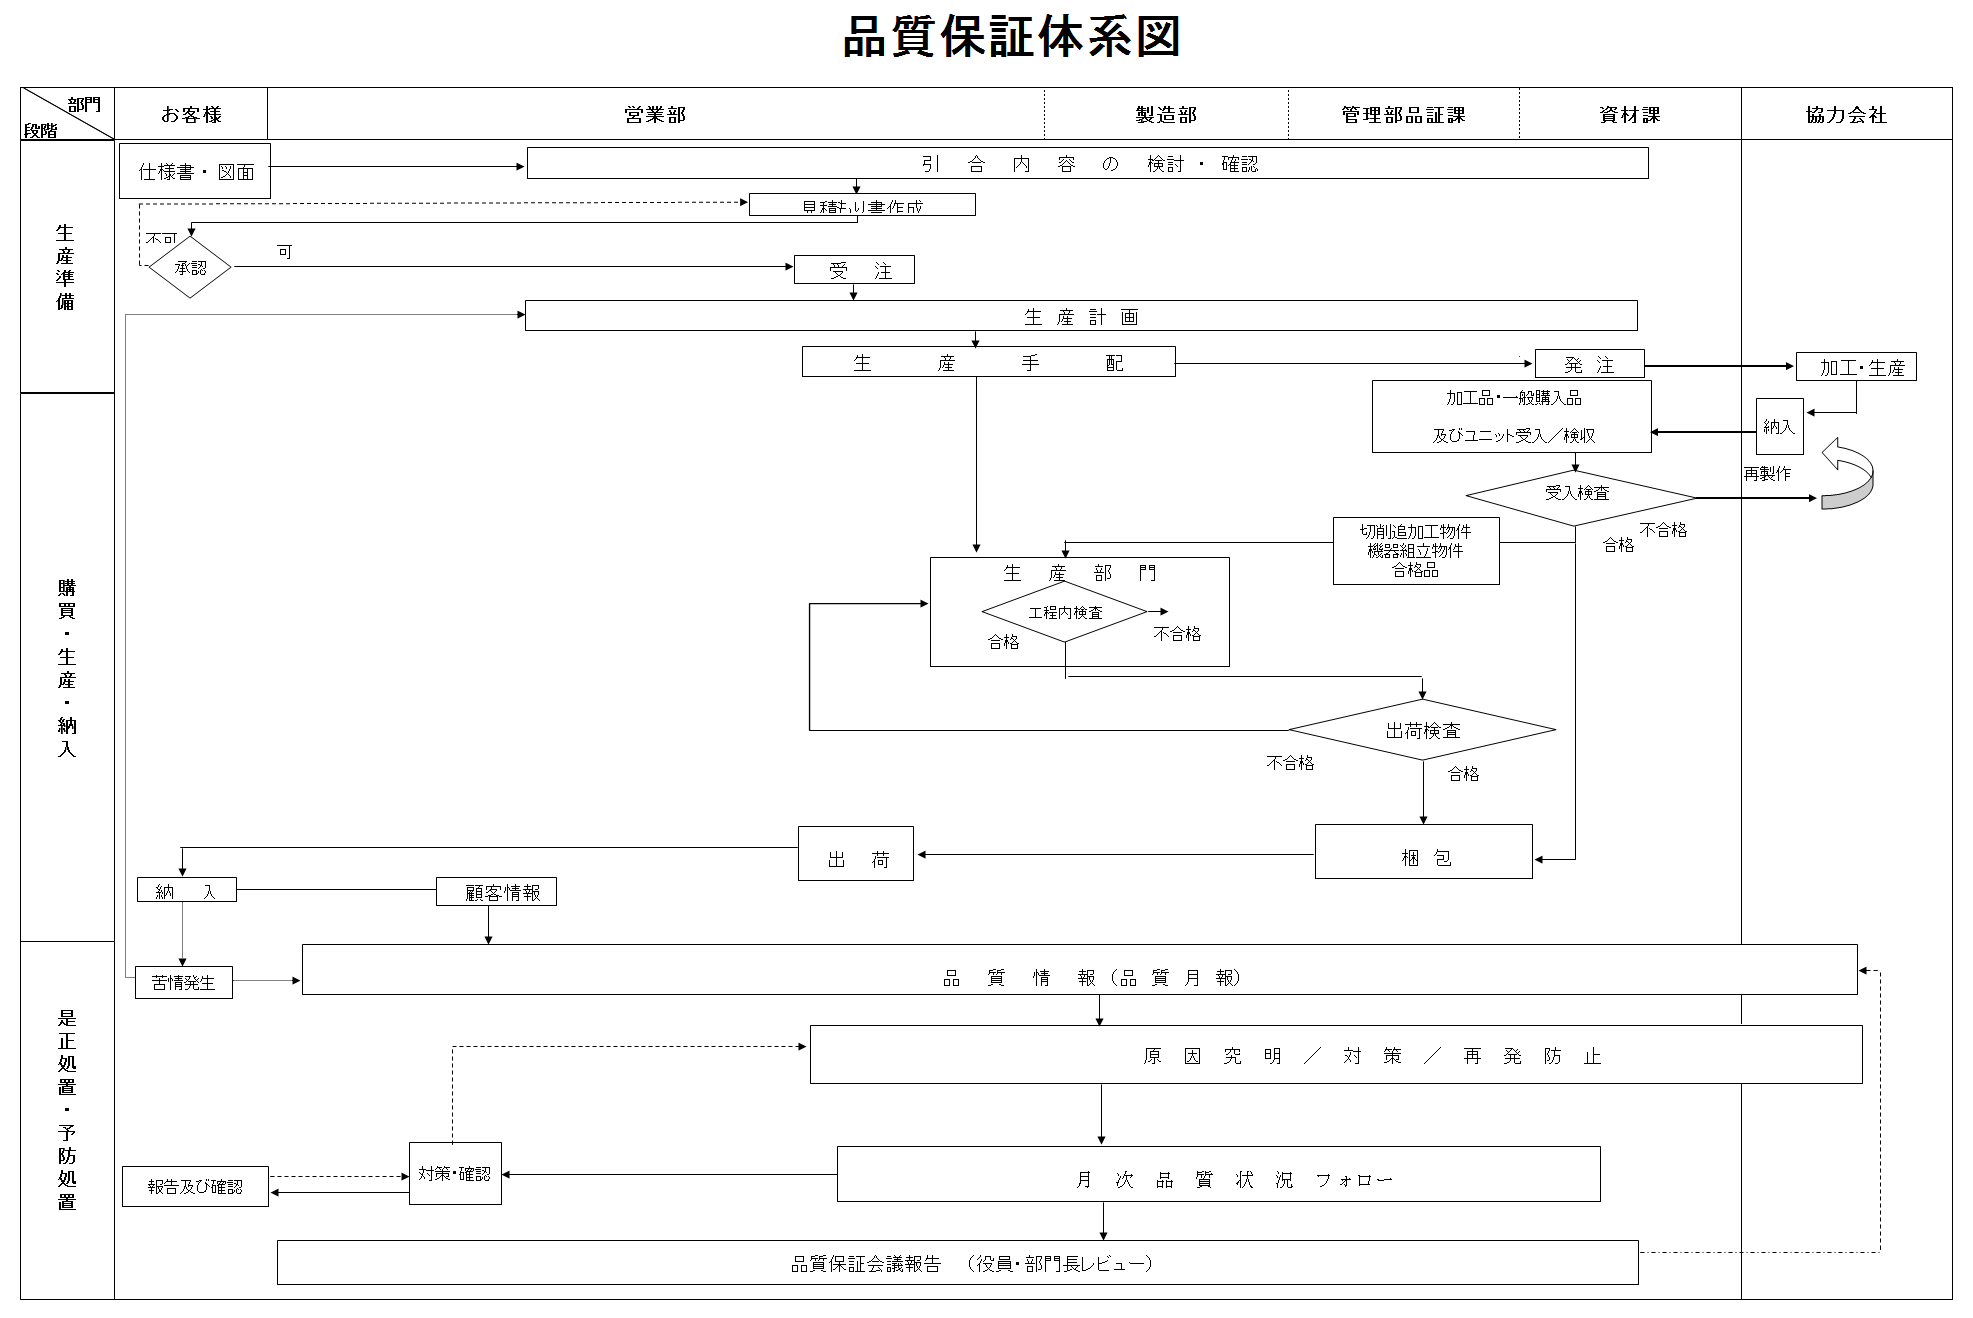 山口電材品質保証体系図